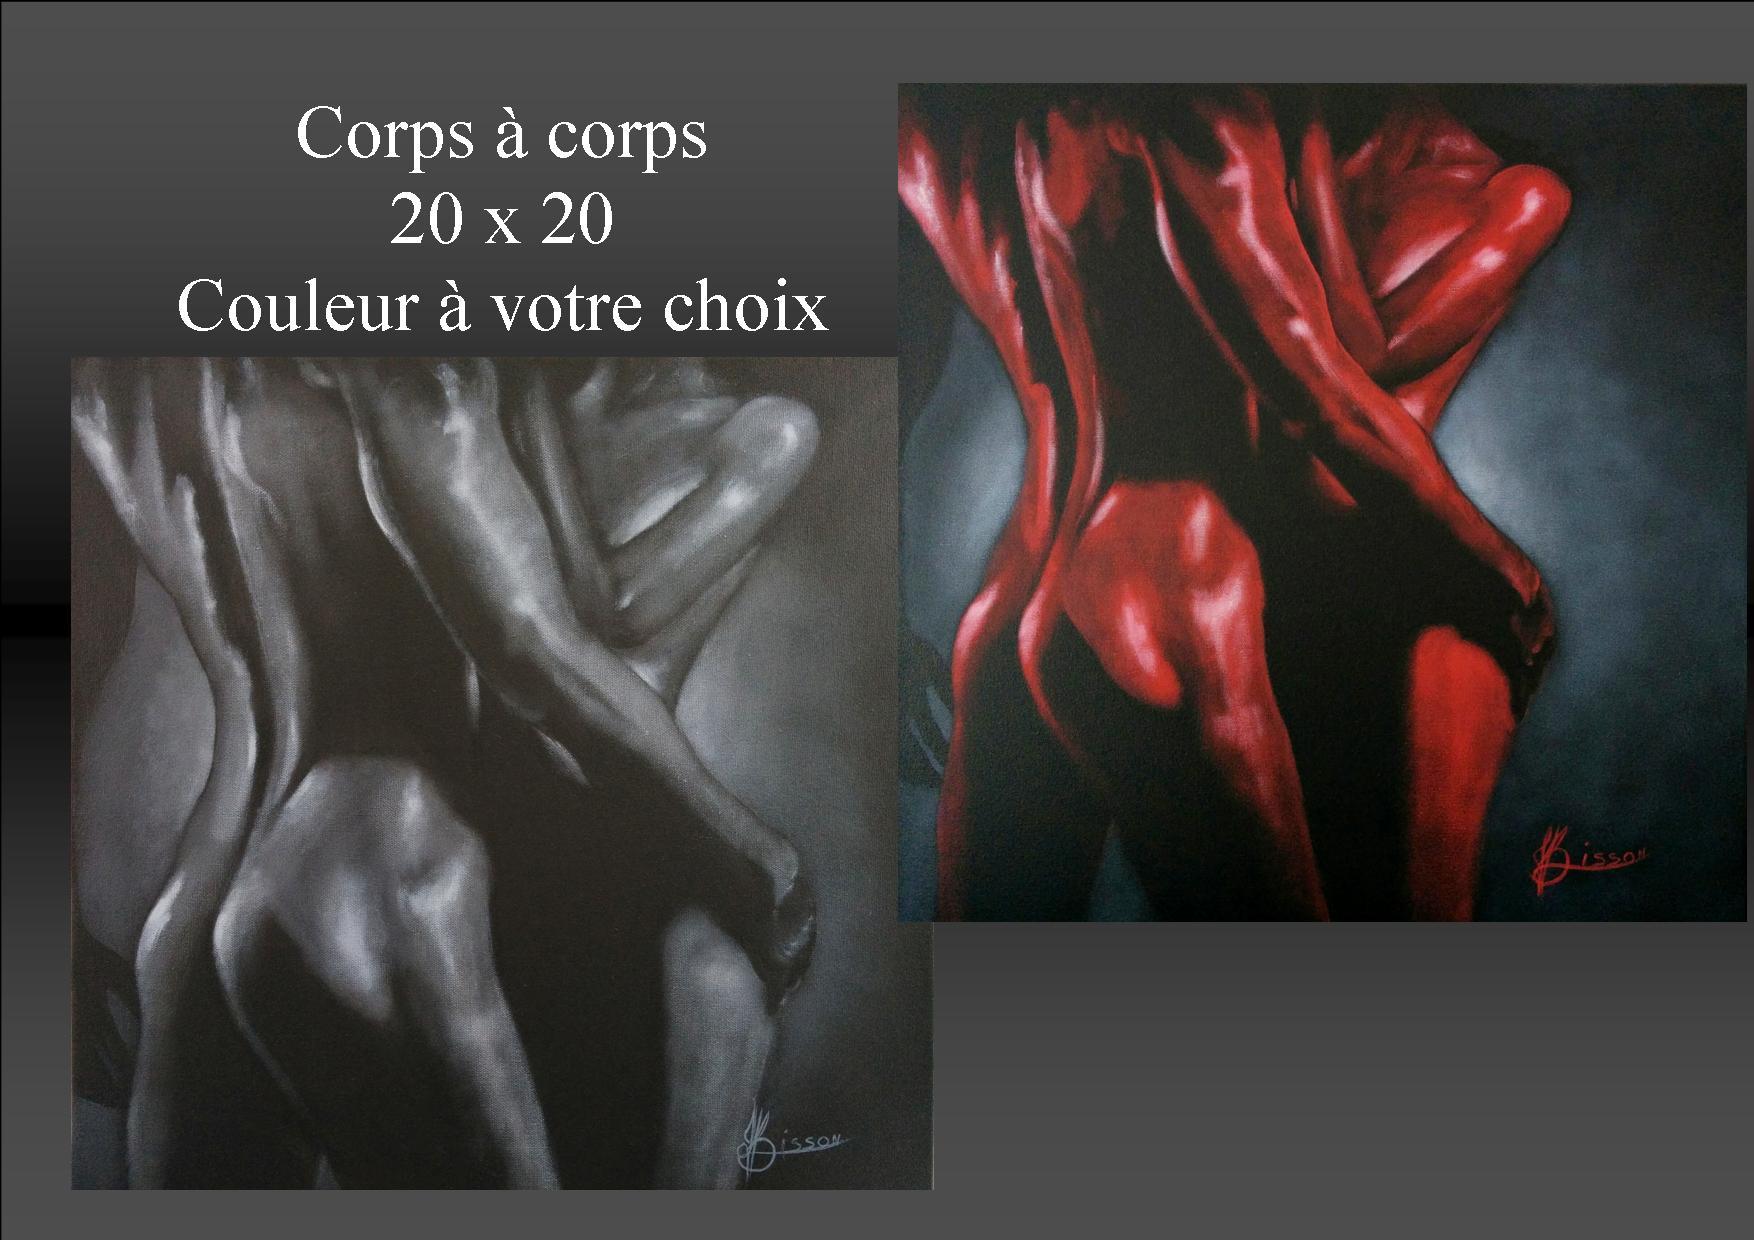 Corps à corps deux couleurs.jpg